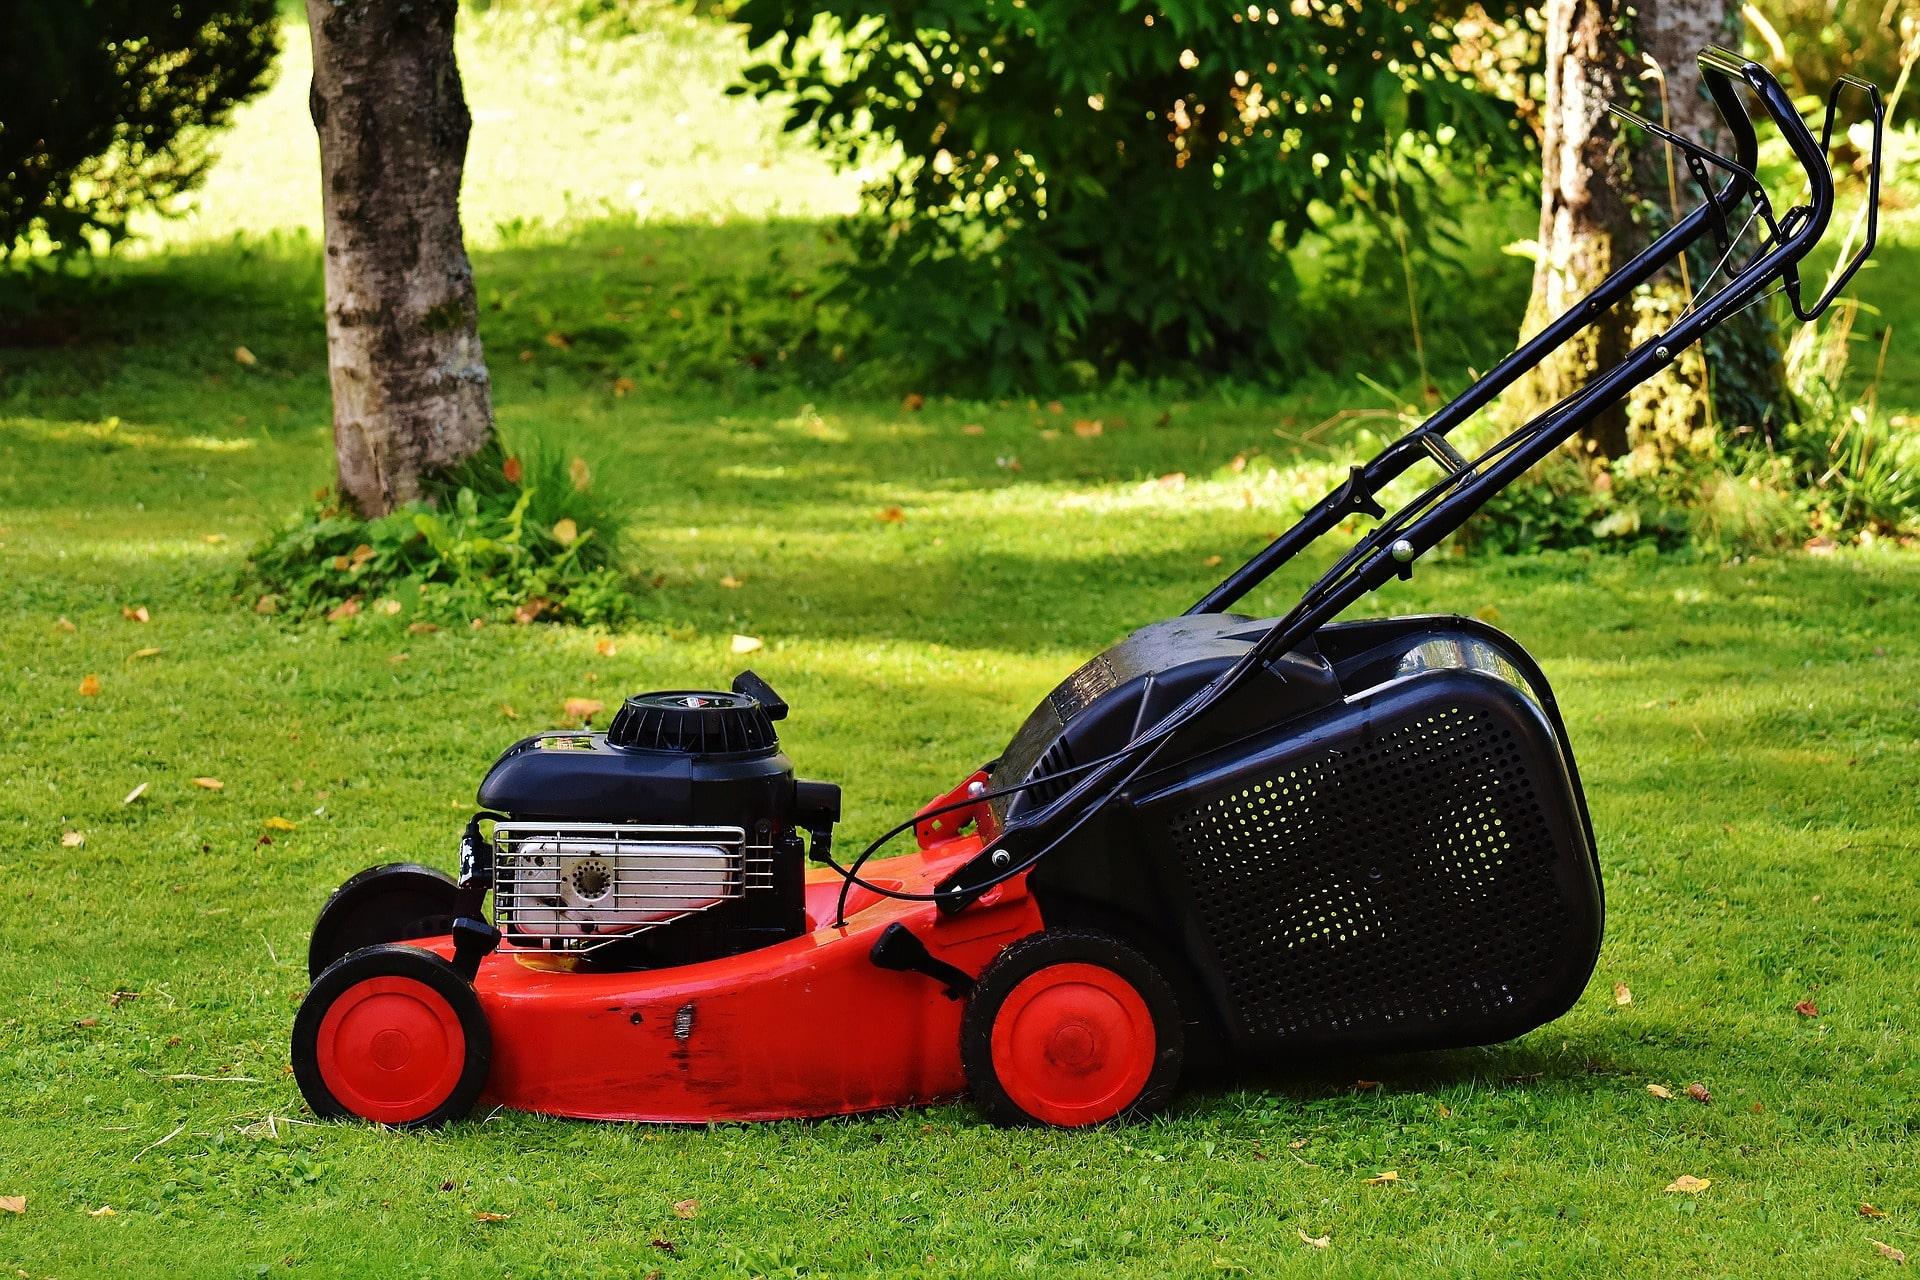 Einhell petrol lawn mower.